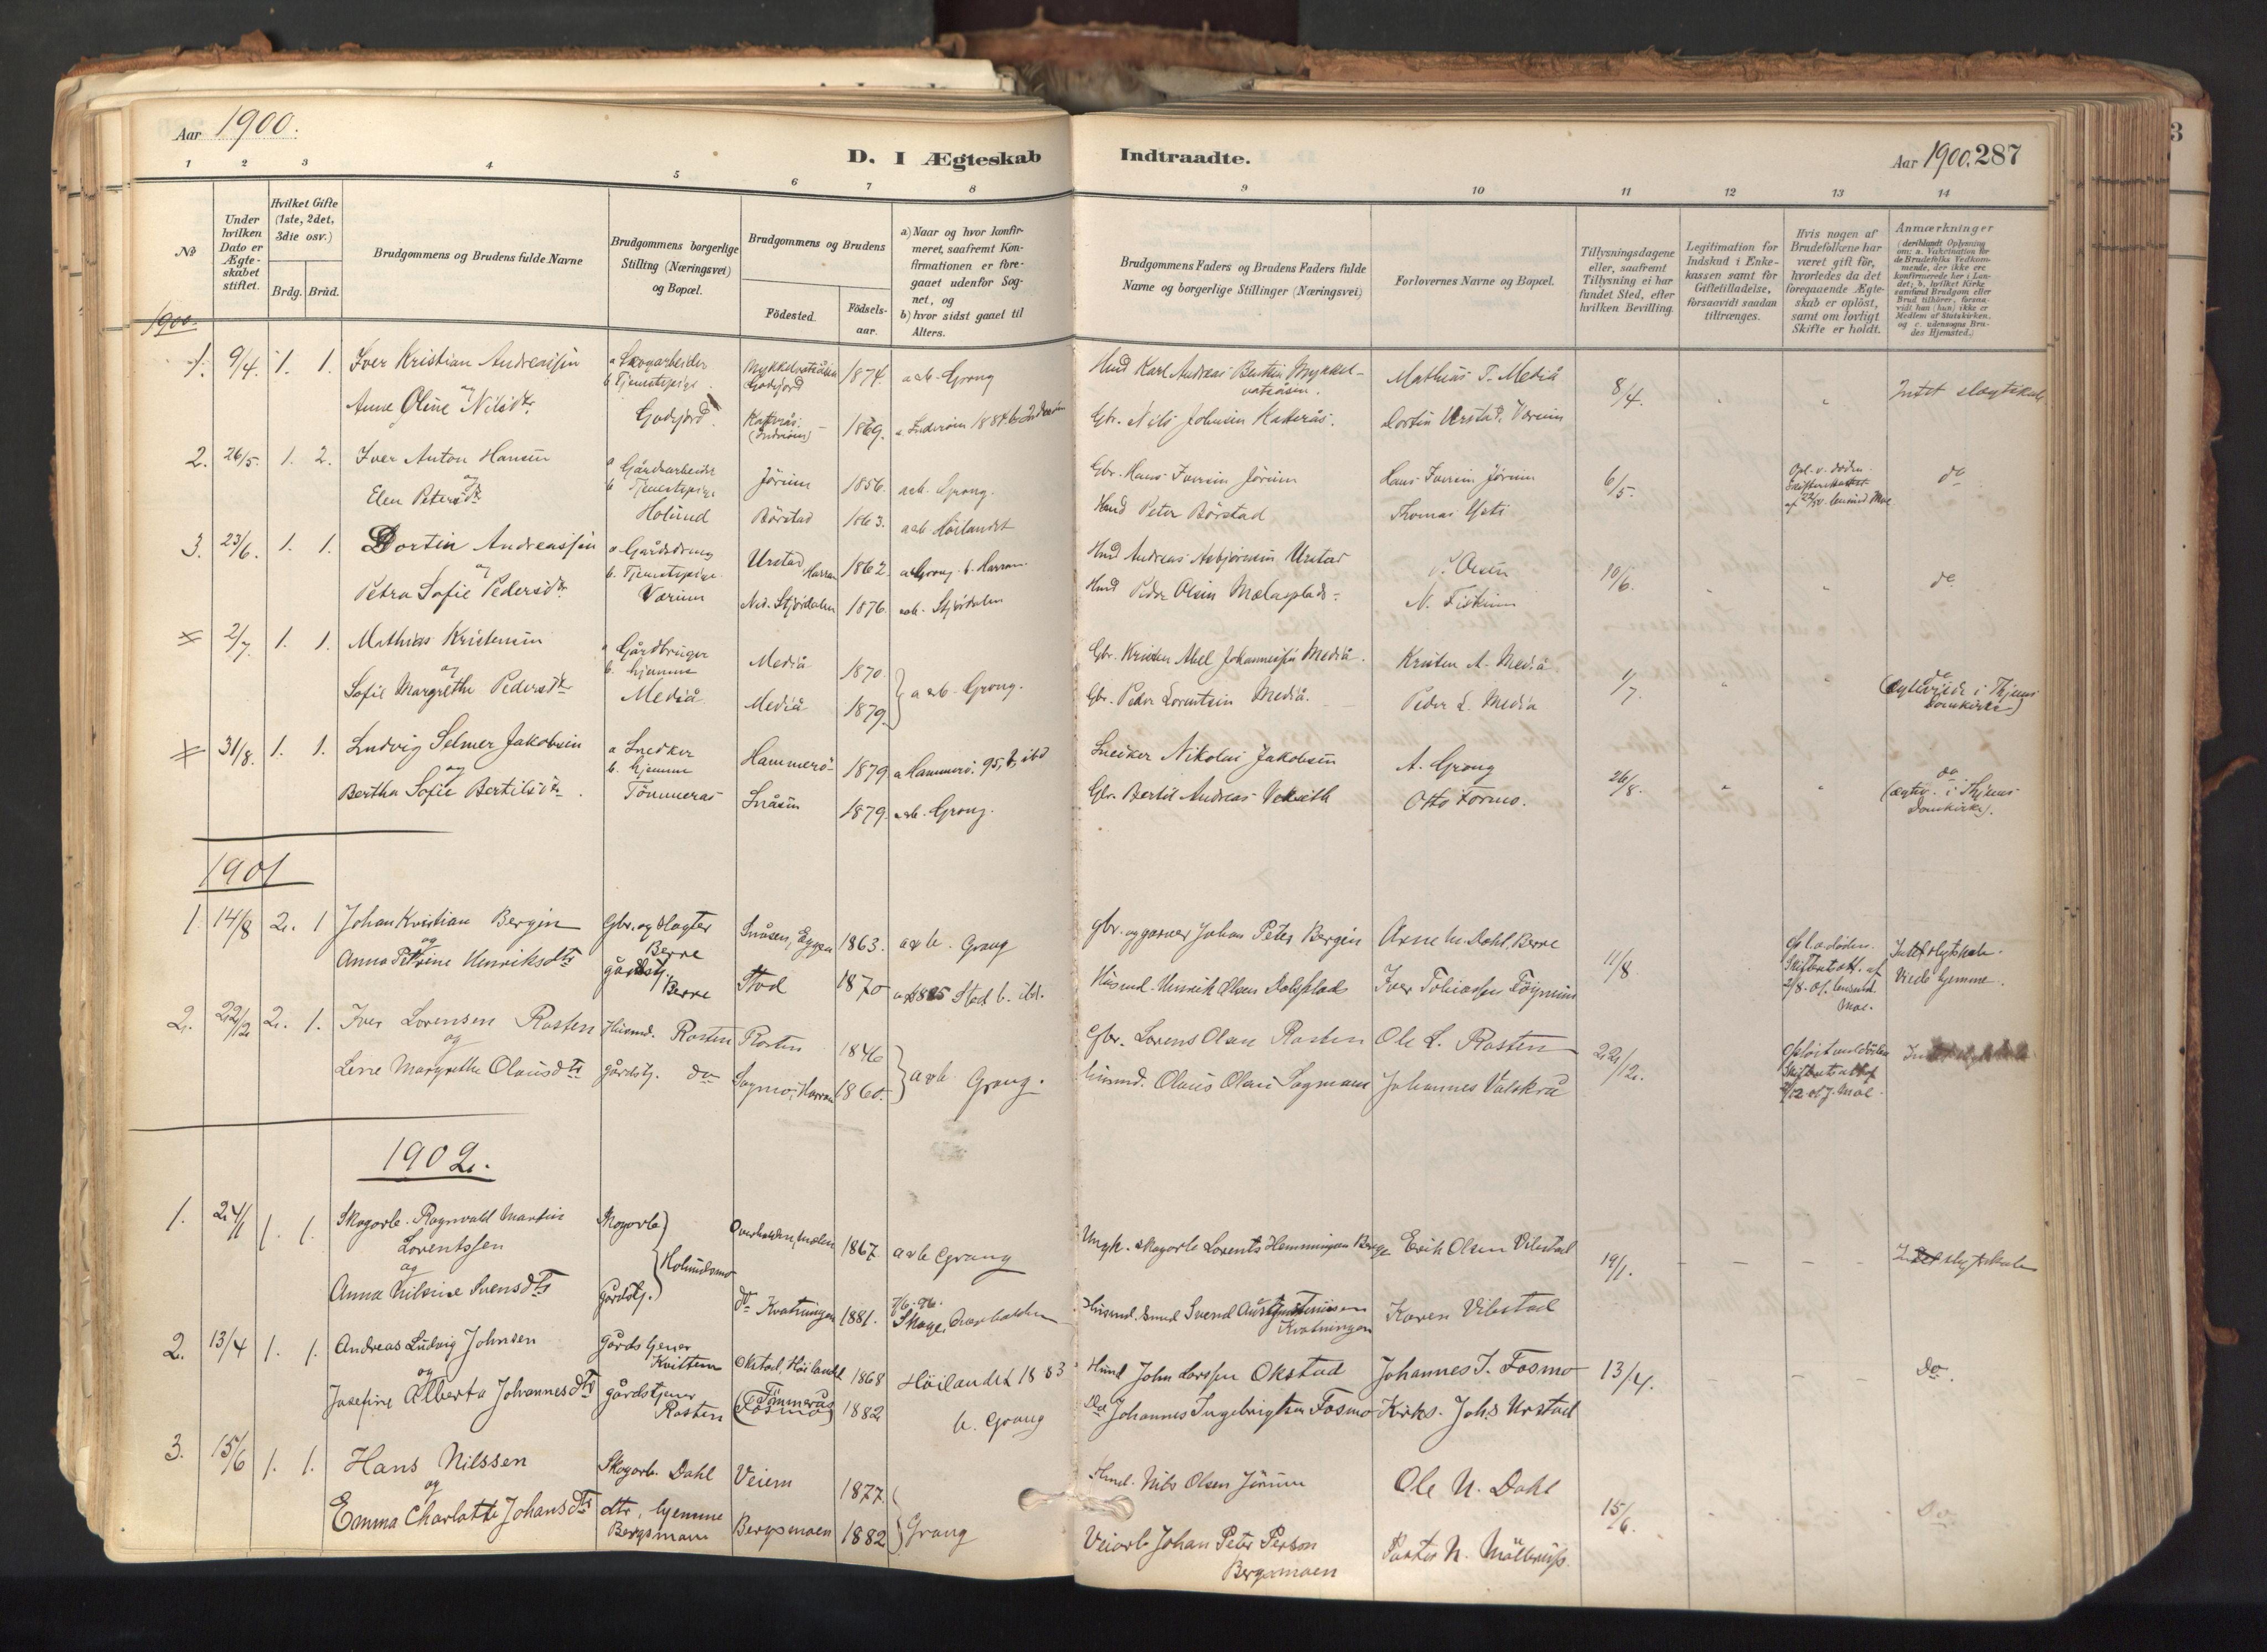 SAT, Ministerialprotokoller, klokkerbøker og fødselsregistre - Nord-Trøndelag, 758/L0519: Ministerialbok nr. 758A04, 1880-1926, s. 287